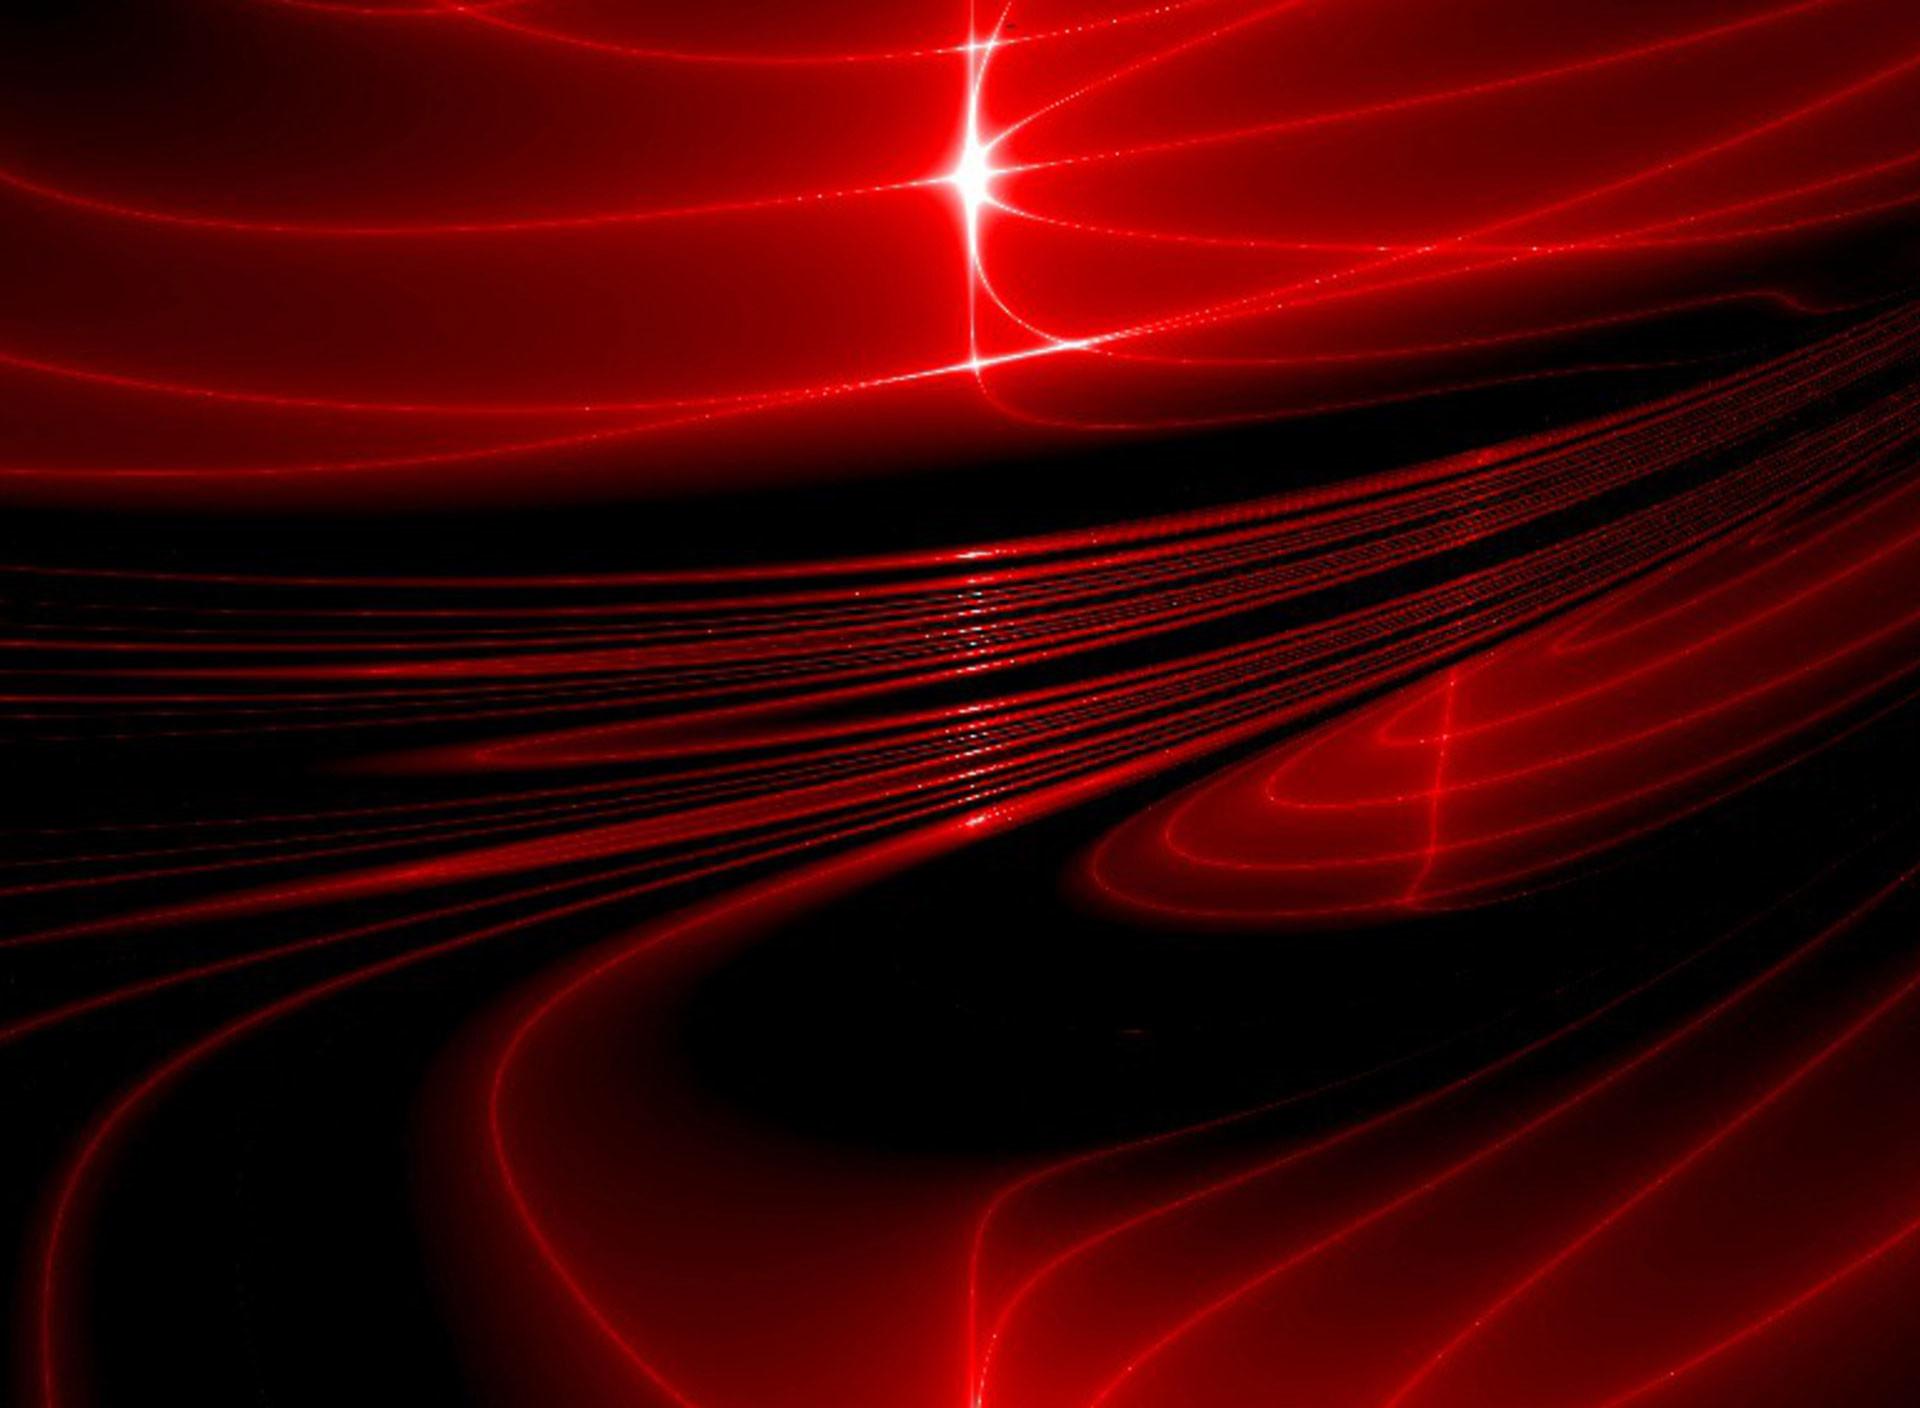 Red Sunrise wallpaper